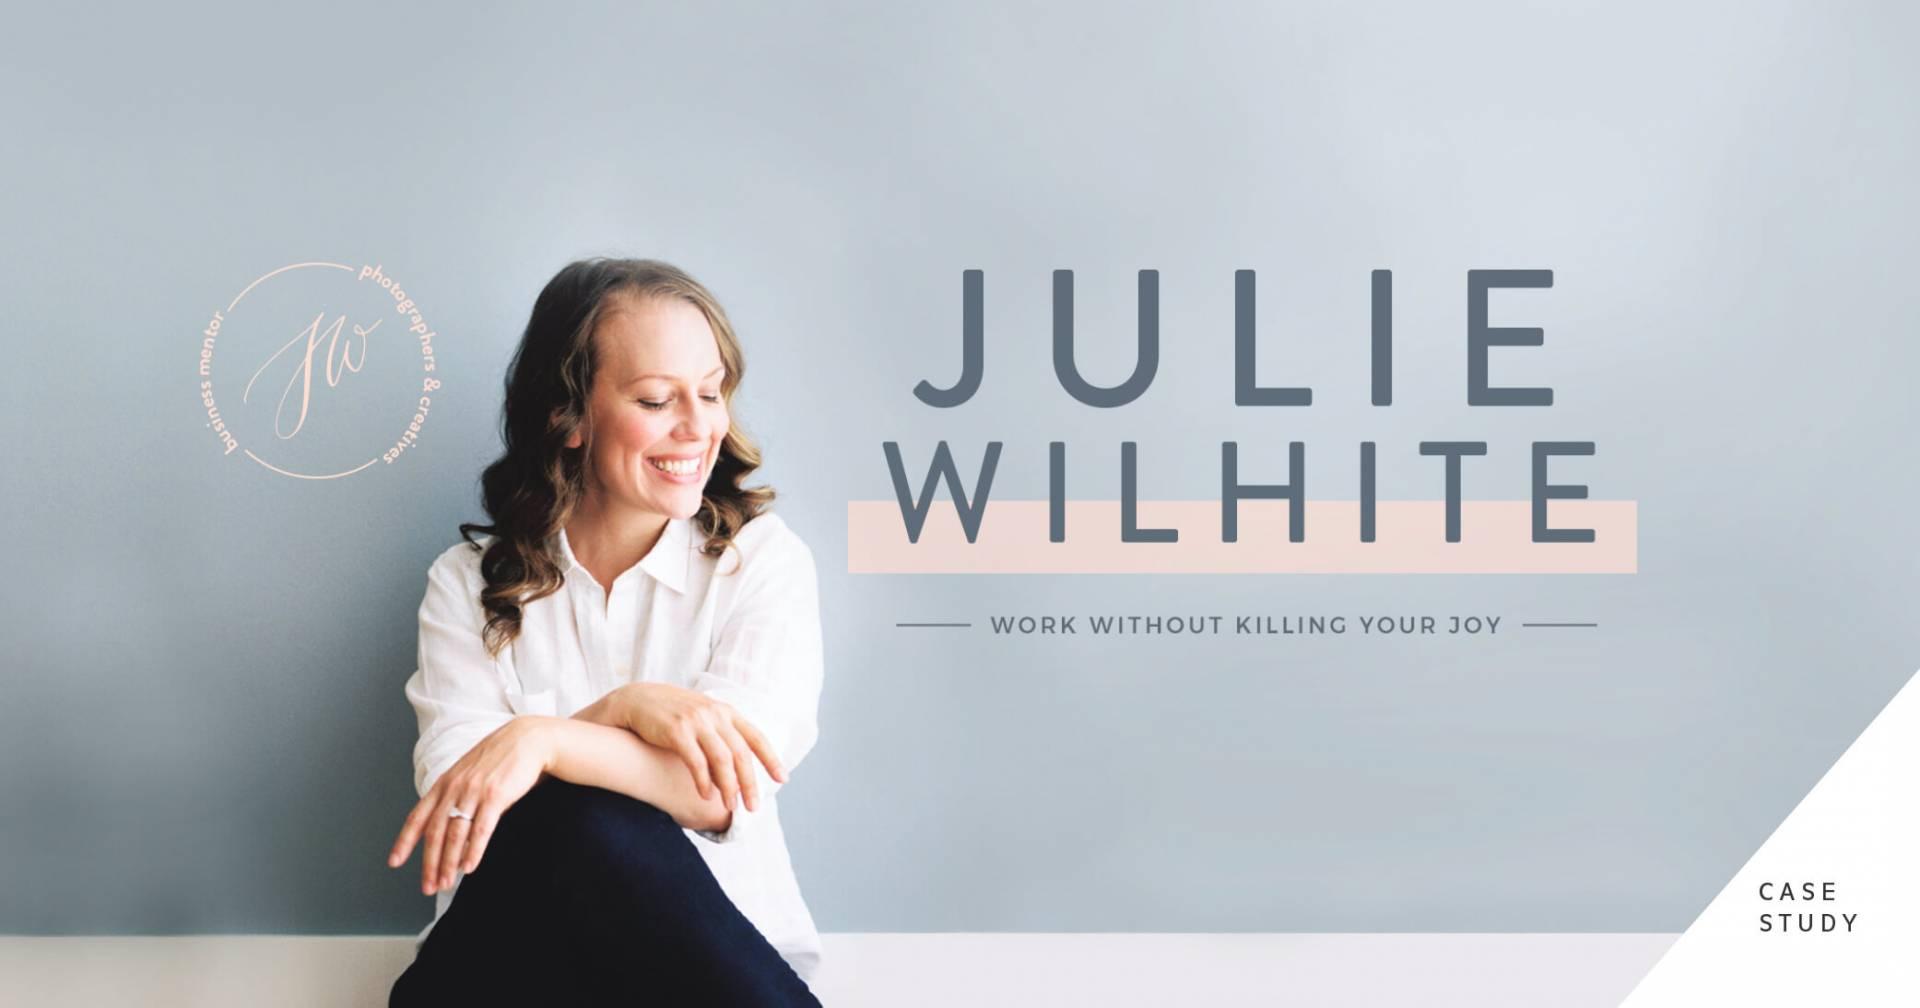 Julie Wilhite